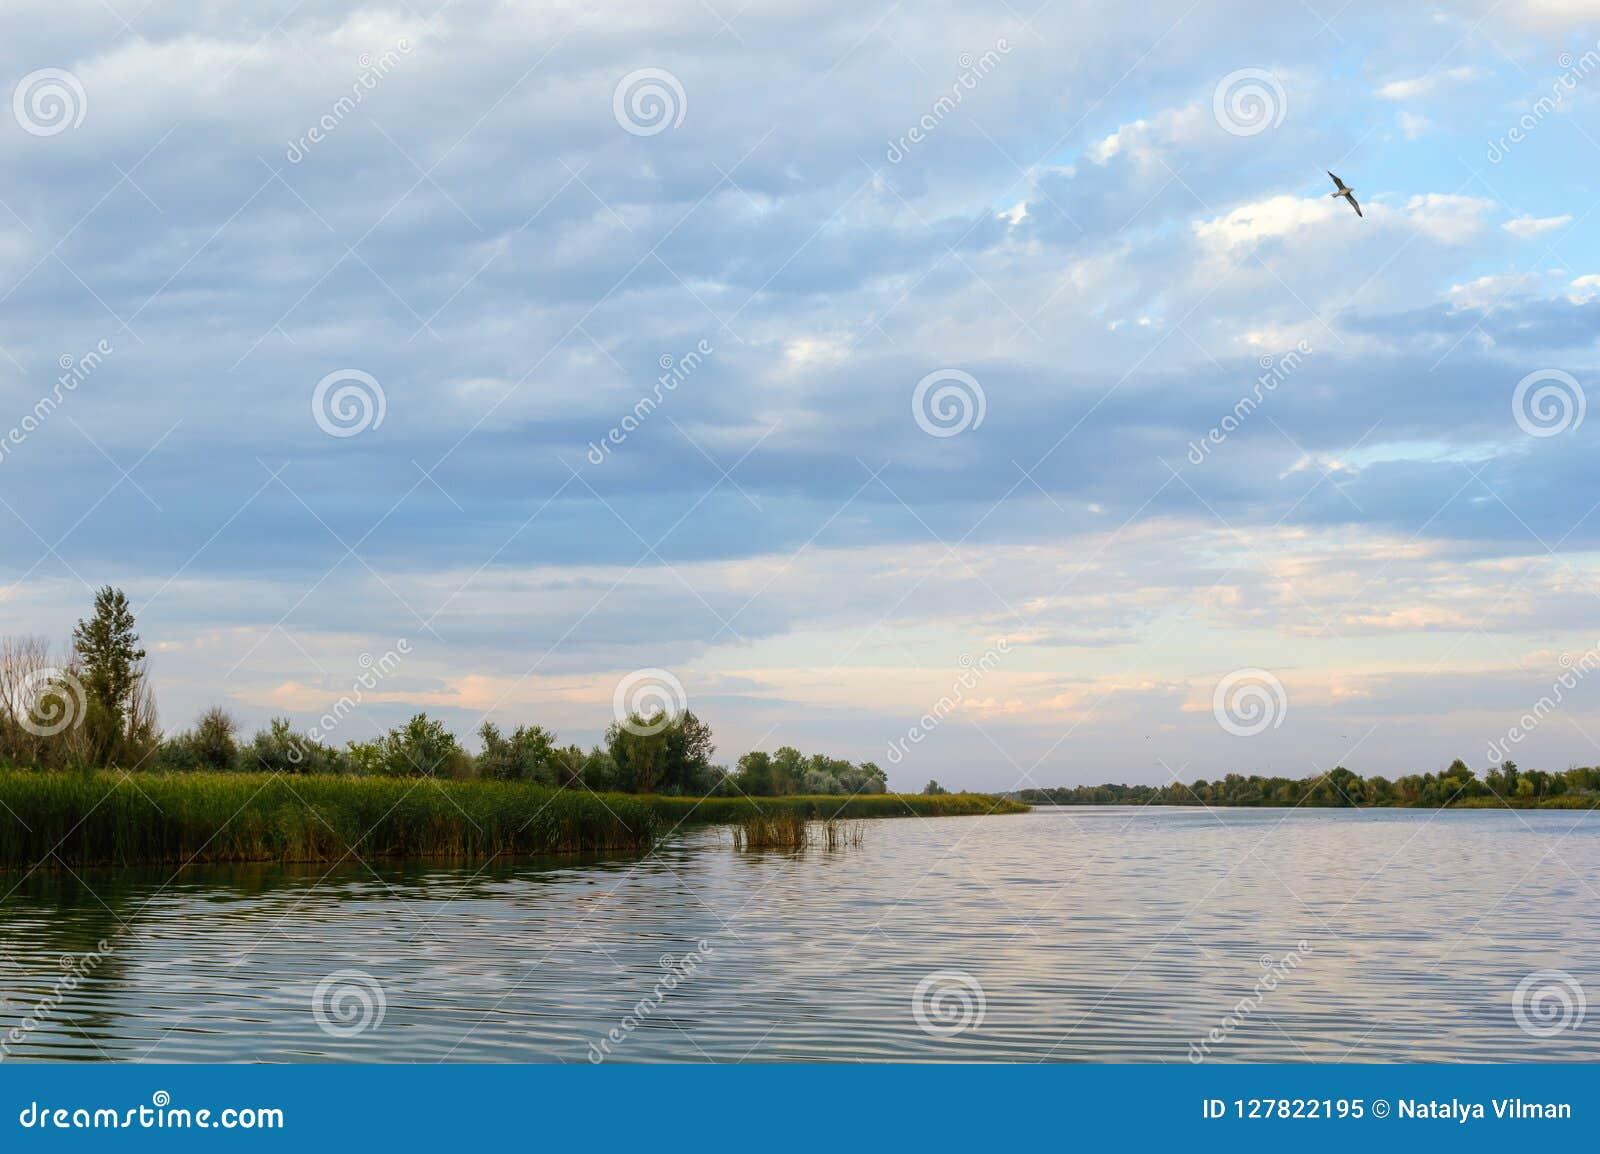 Ptak lata nad małą rzeką